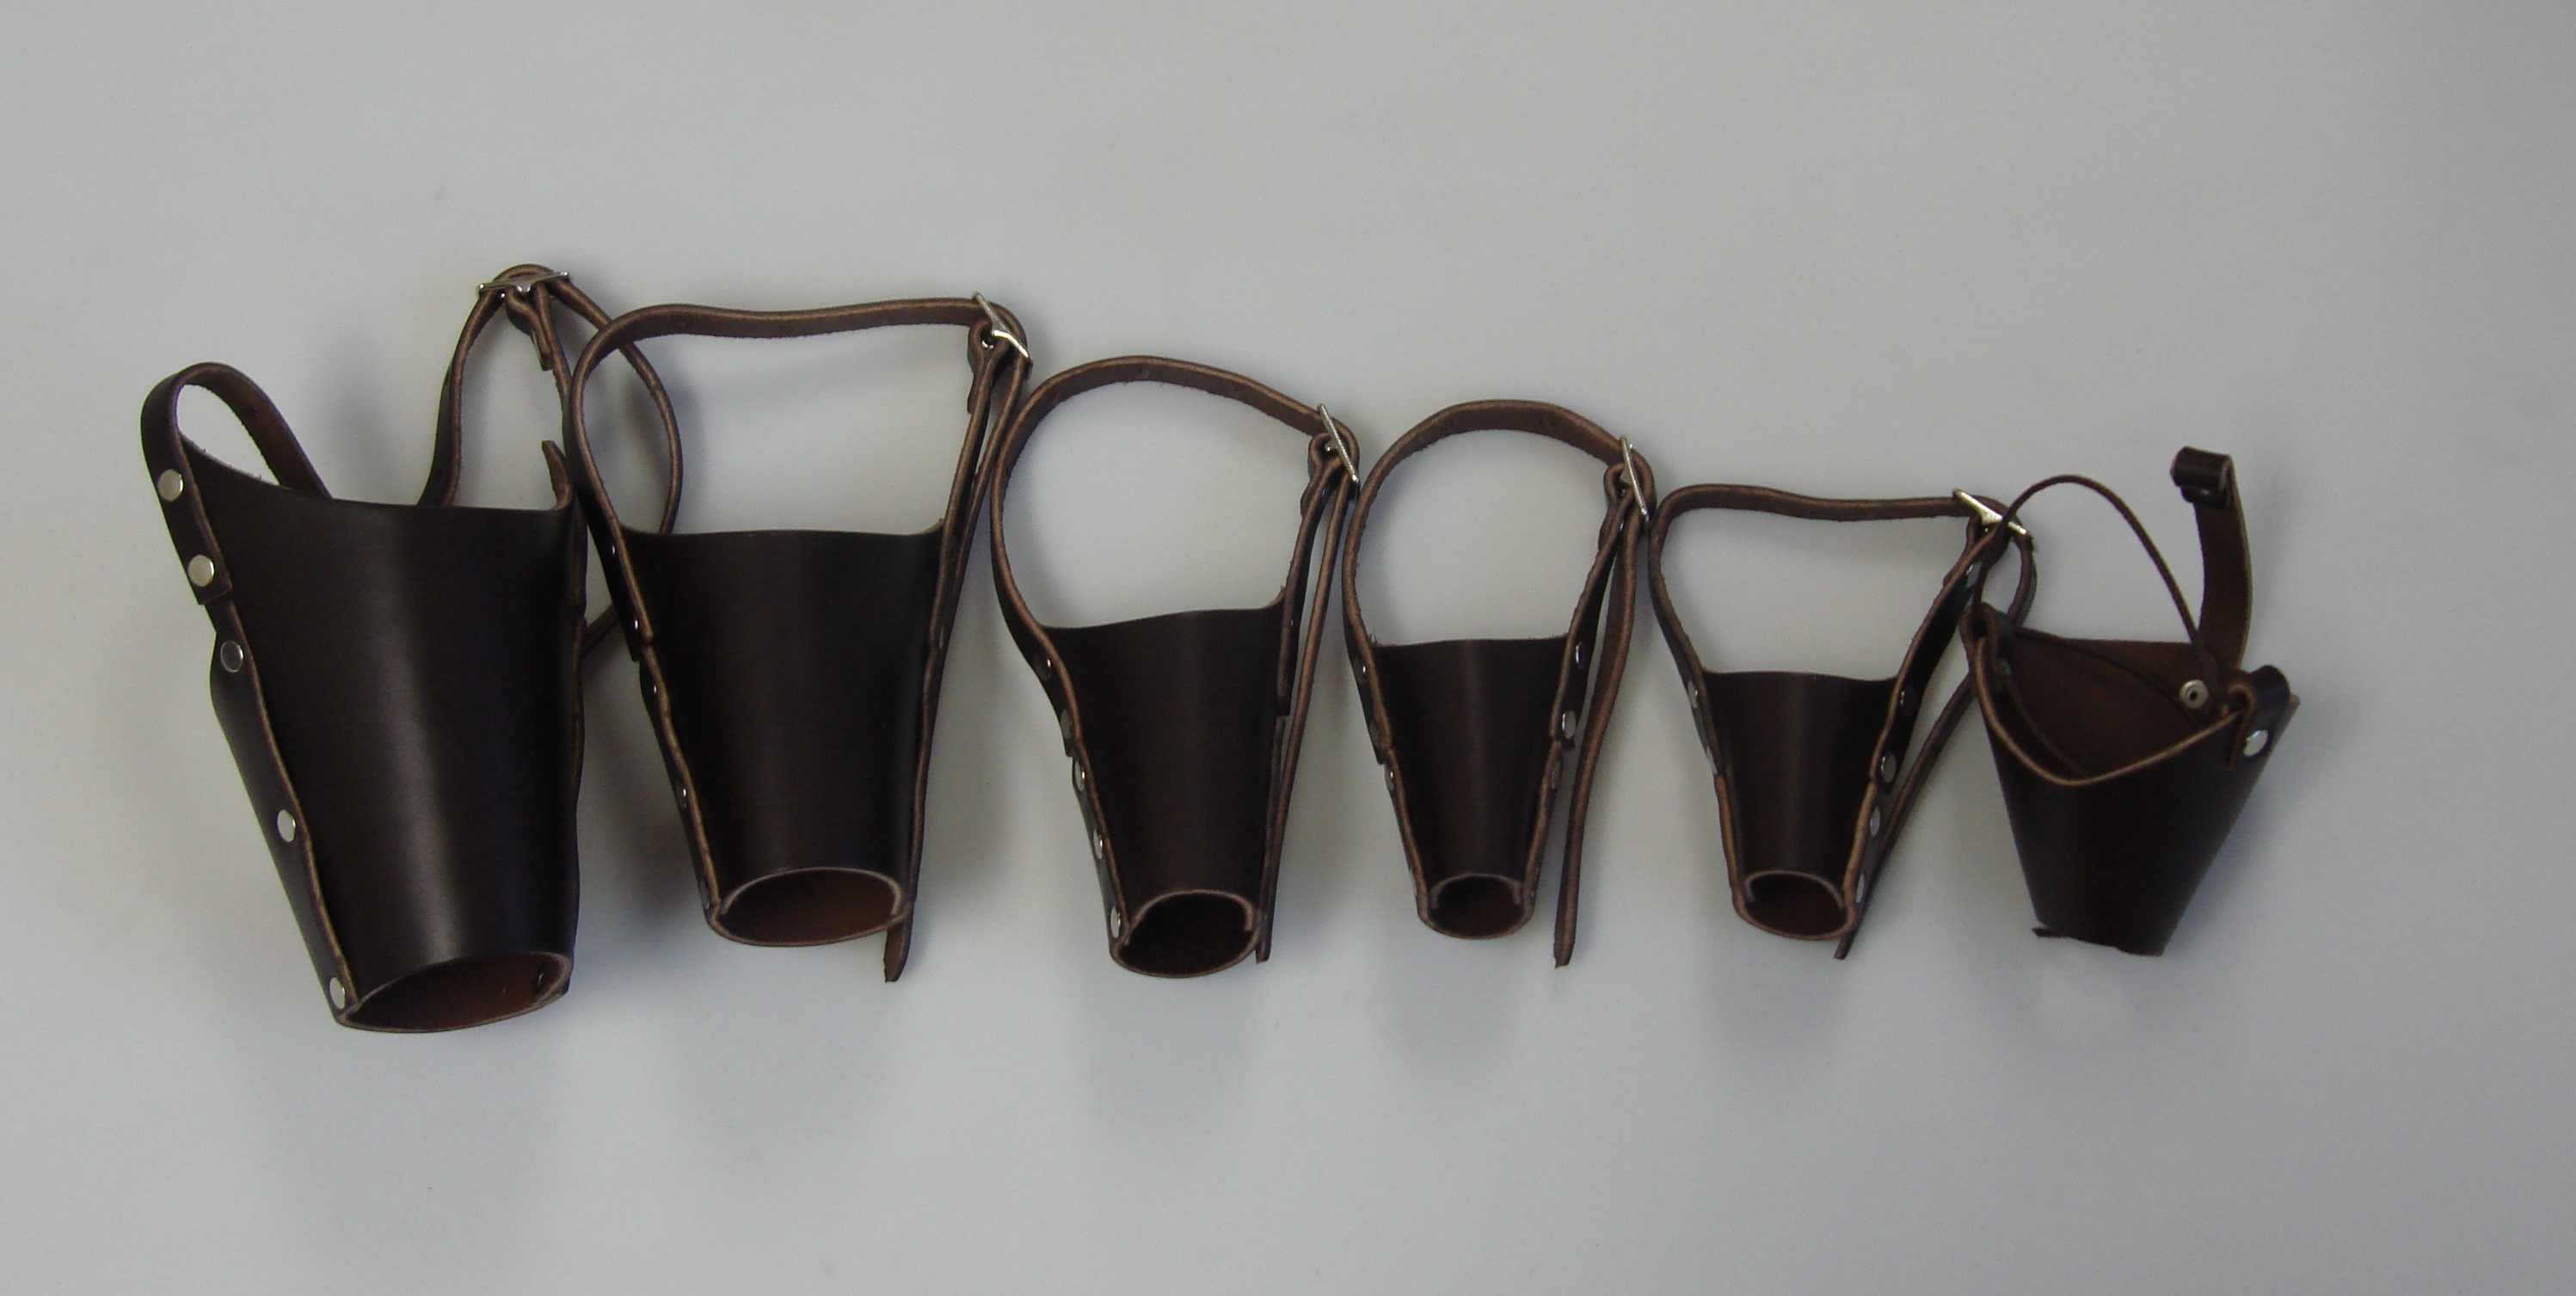 Leather Muzzle, Set of 6